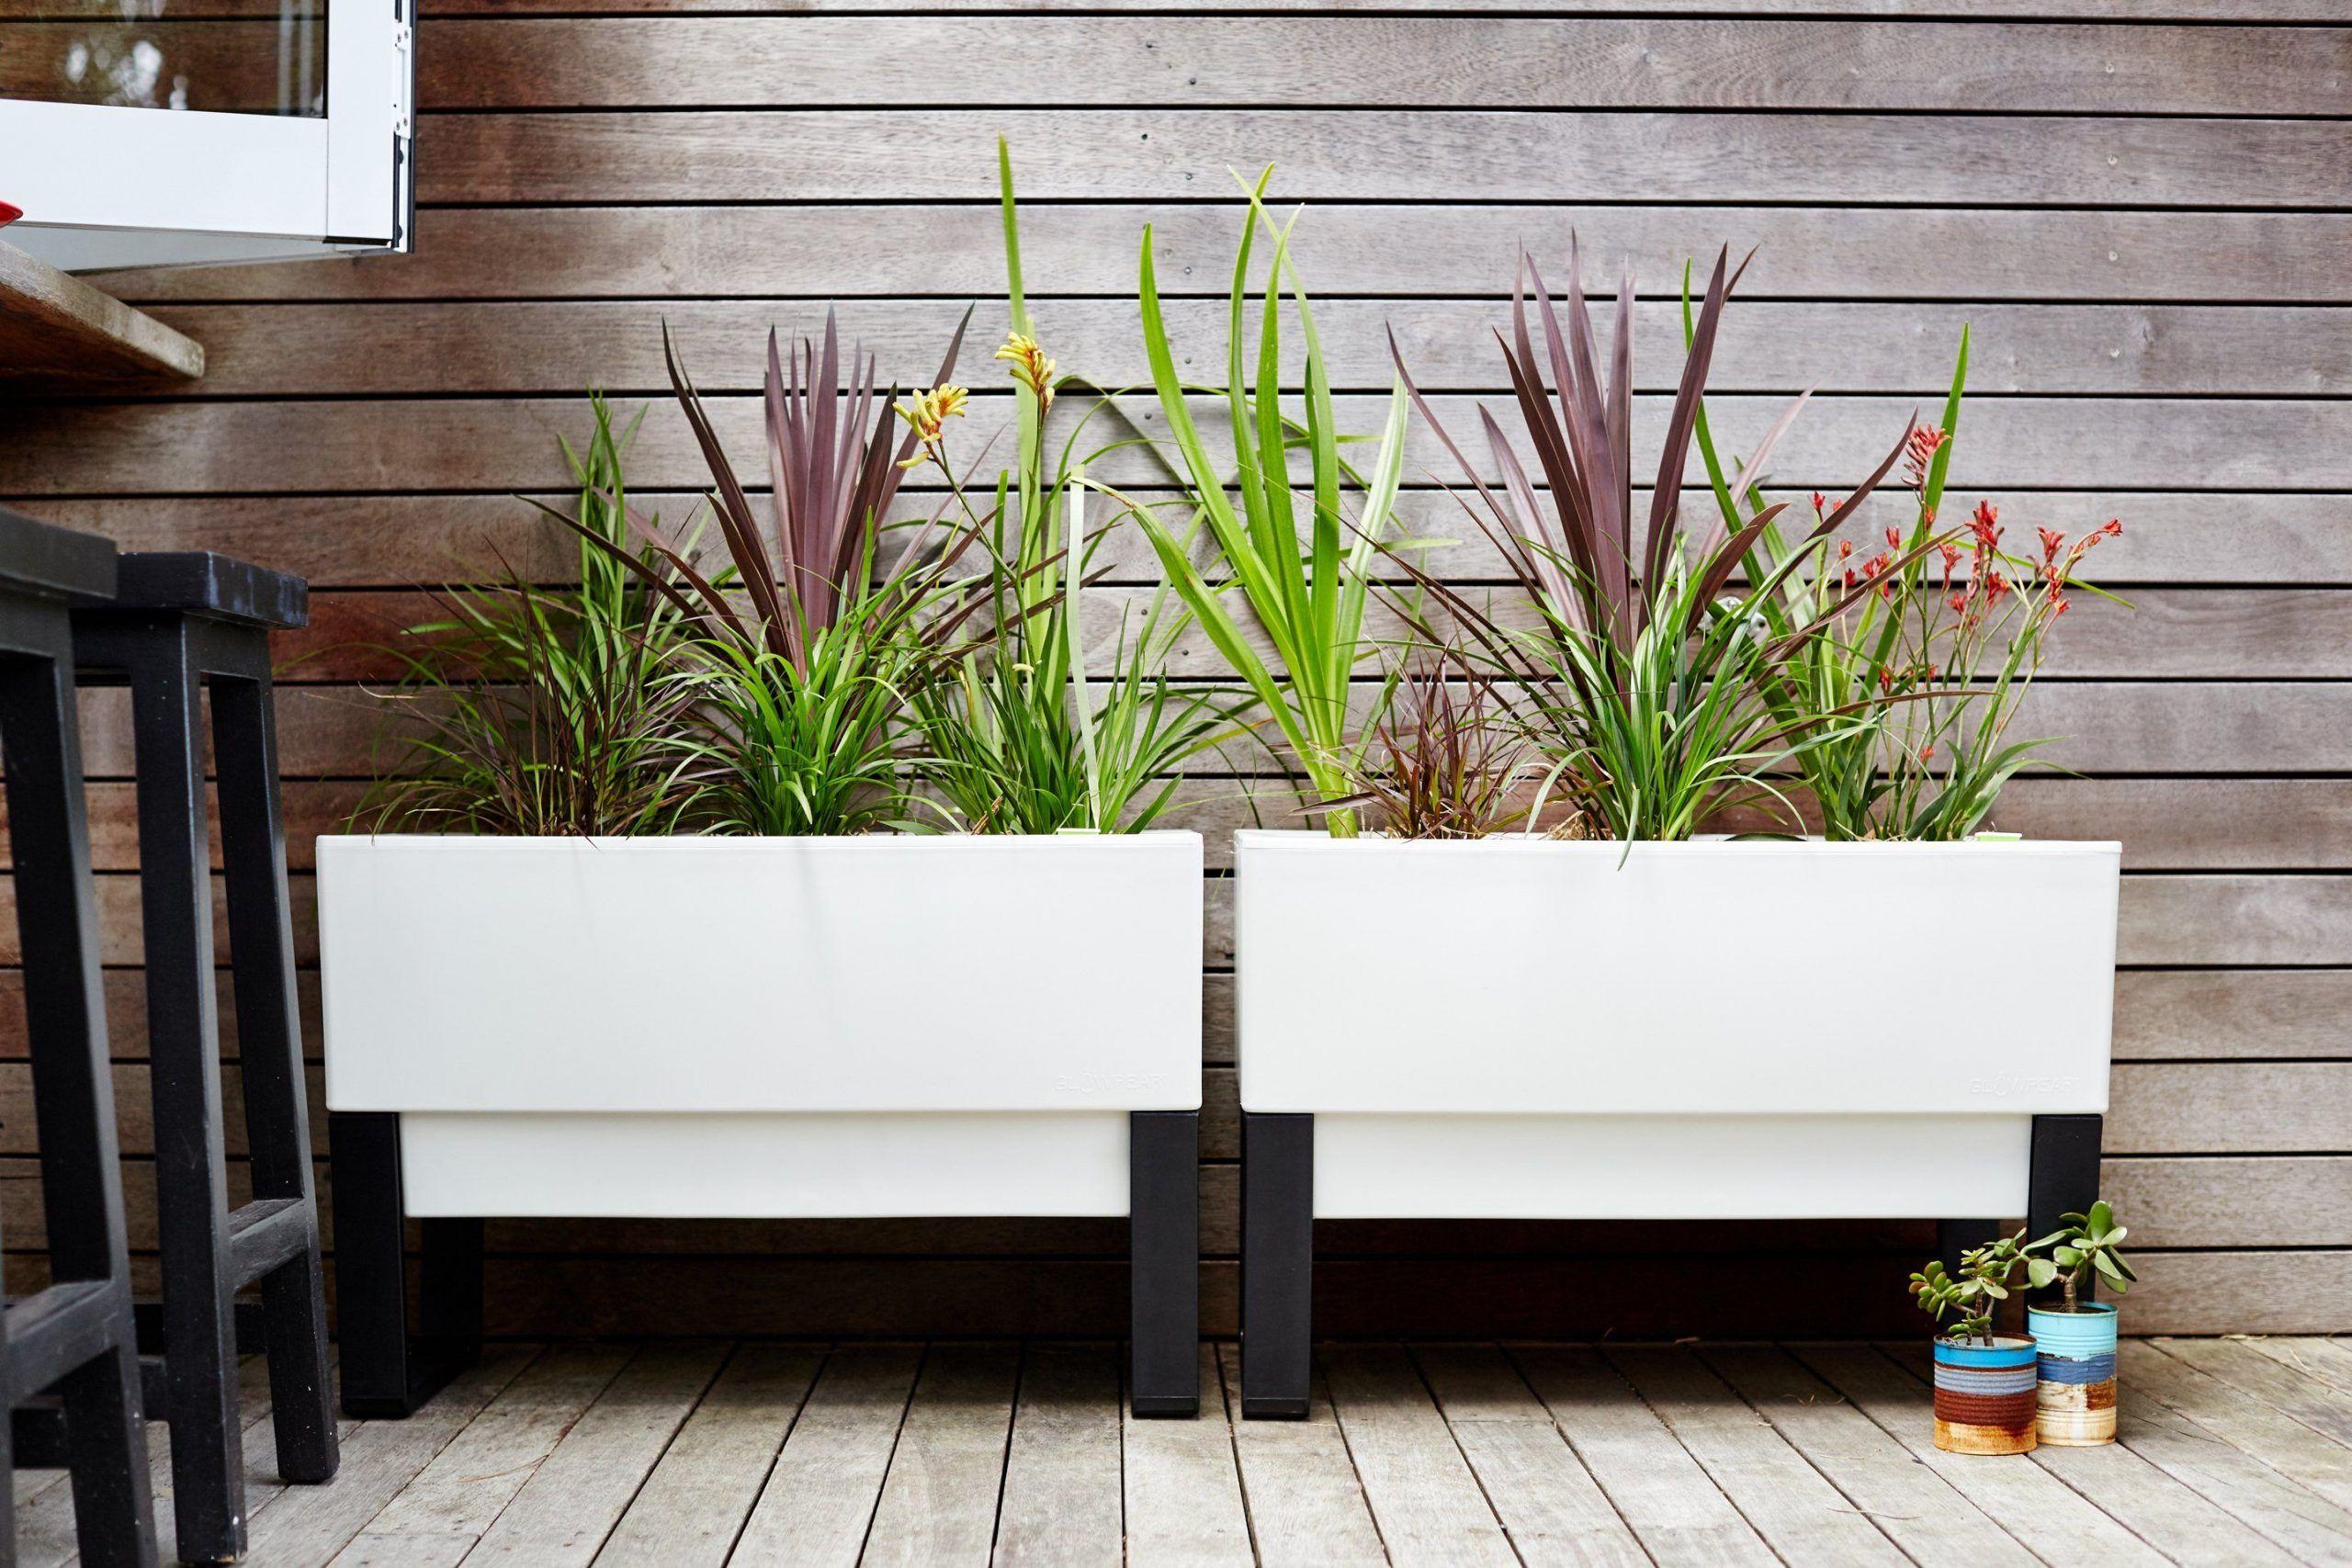 Self Watering Urban Garden by Glowpeargarden